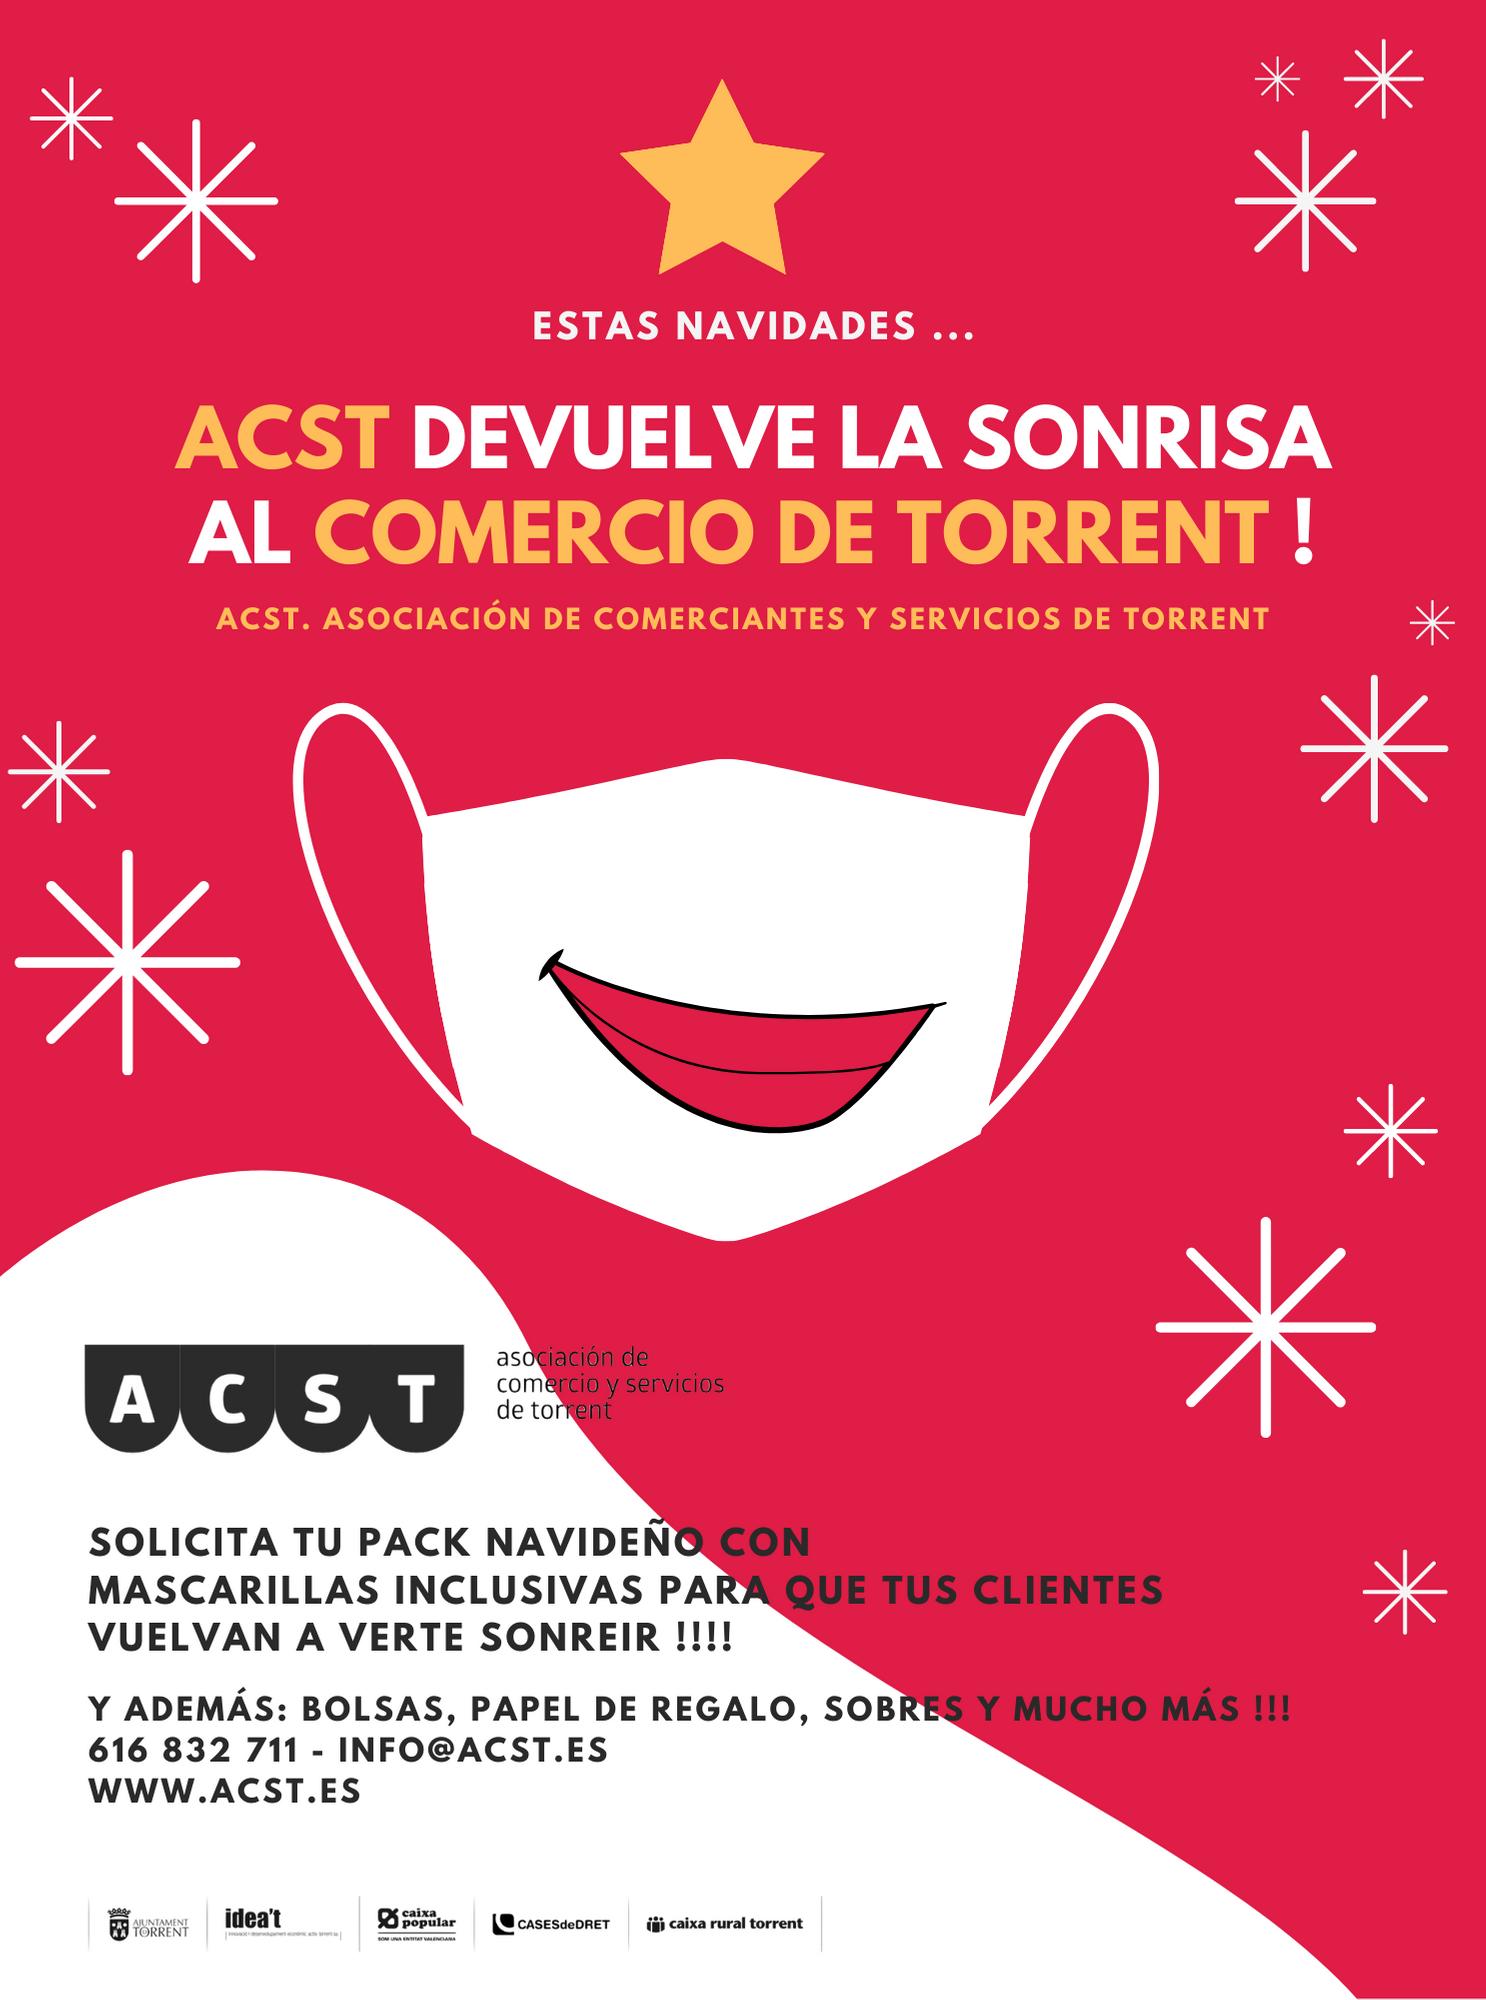 """Horarios de Reparto. Material Campaña de Navidad 2020: """"ACST devuelve la sonrisa al Comercio de Torrent"""" !!!"""